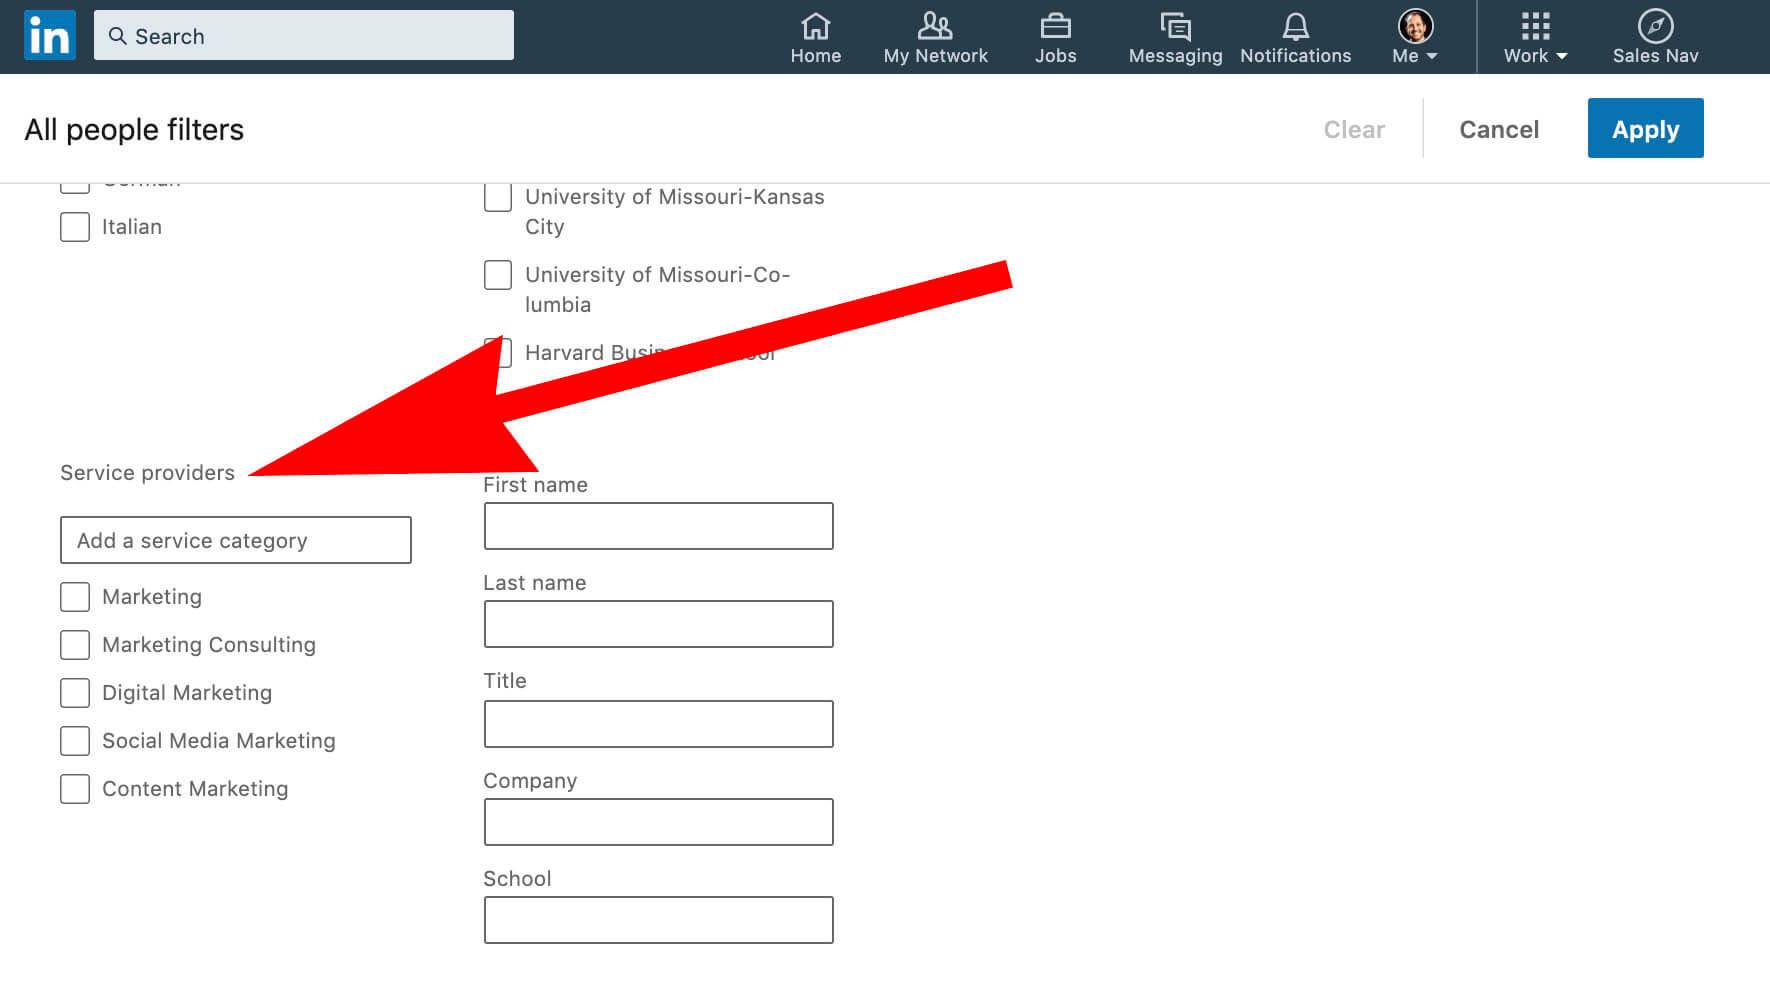 service provider search filter in Linkedin search